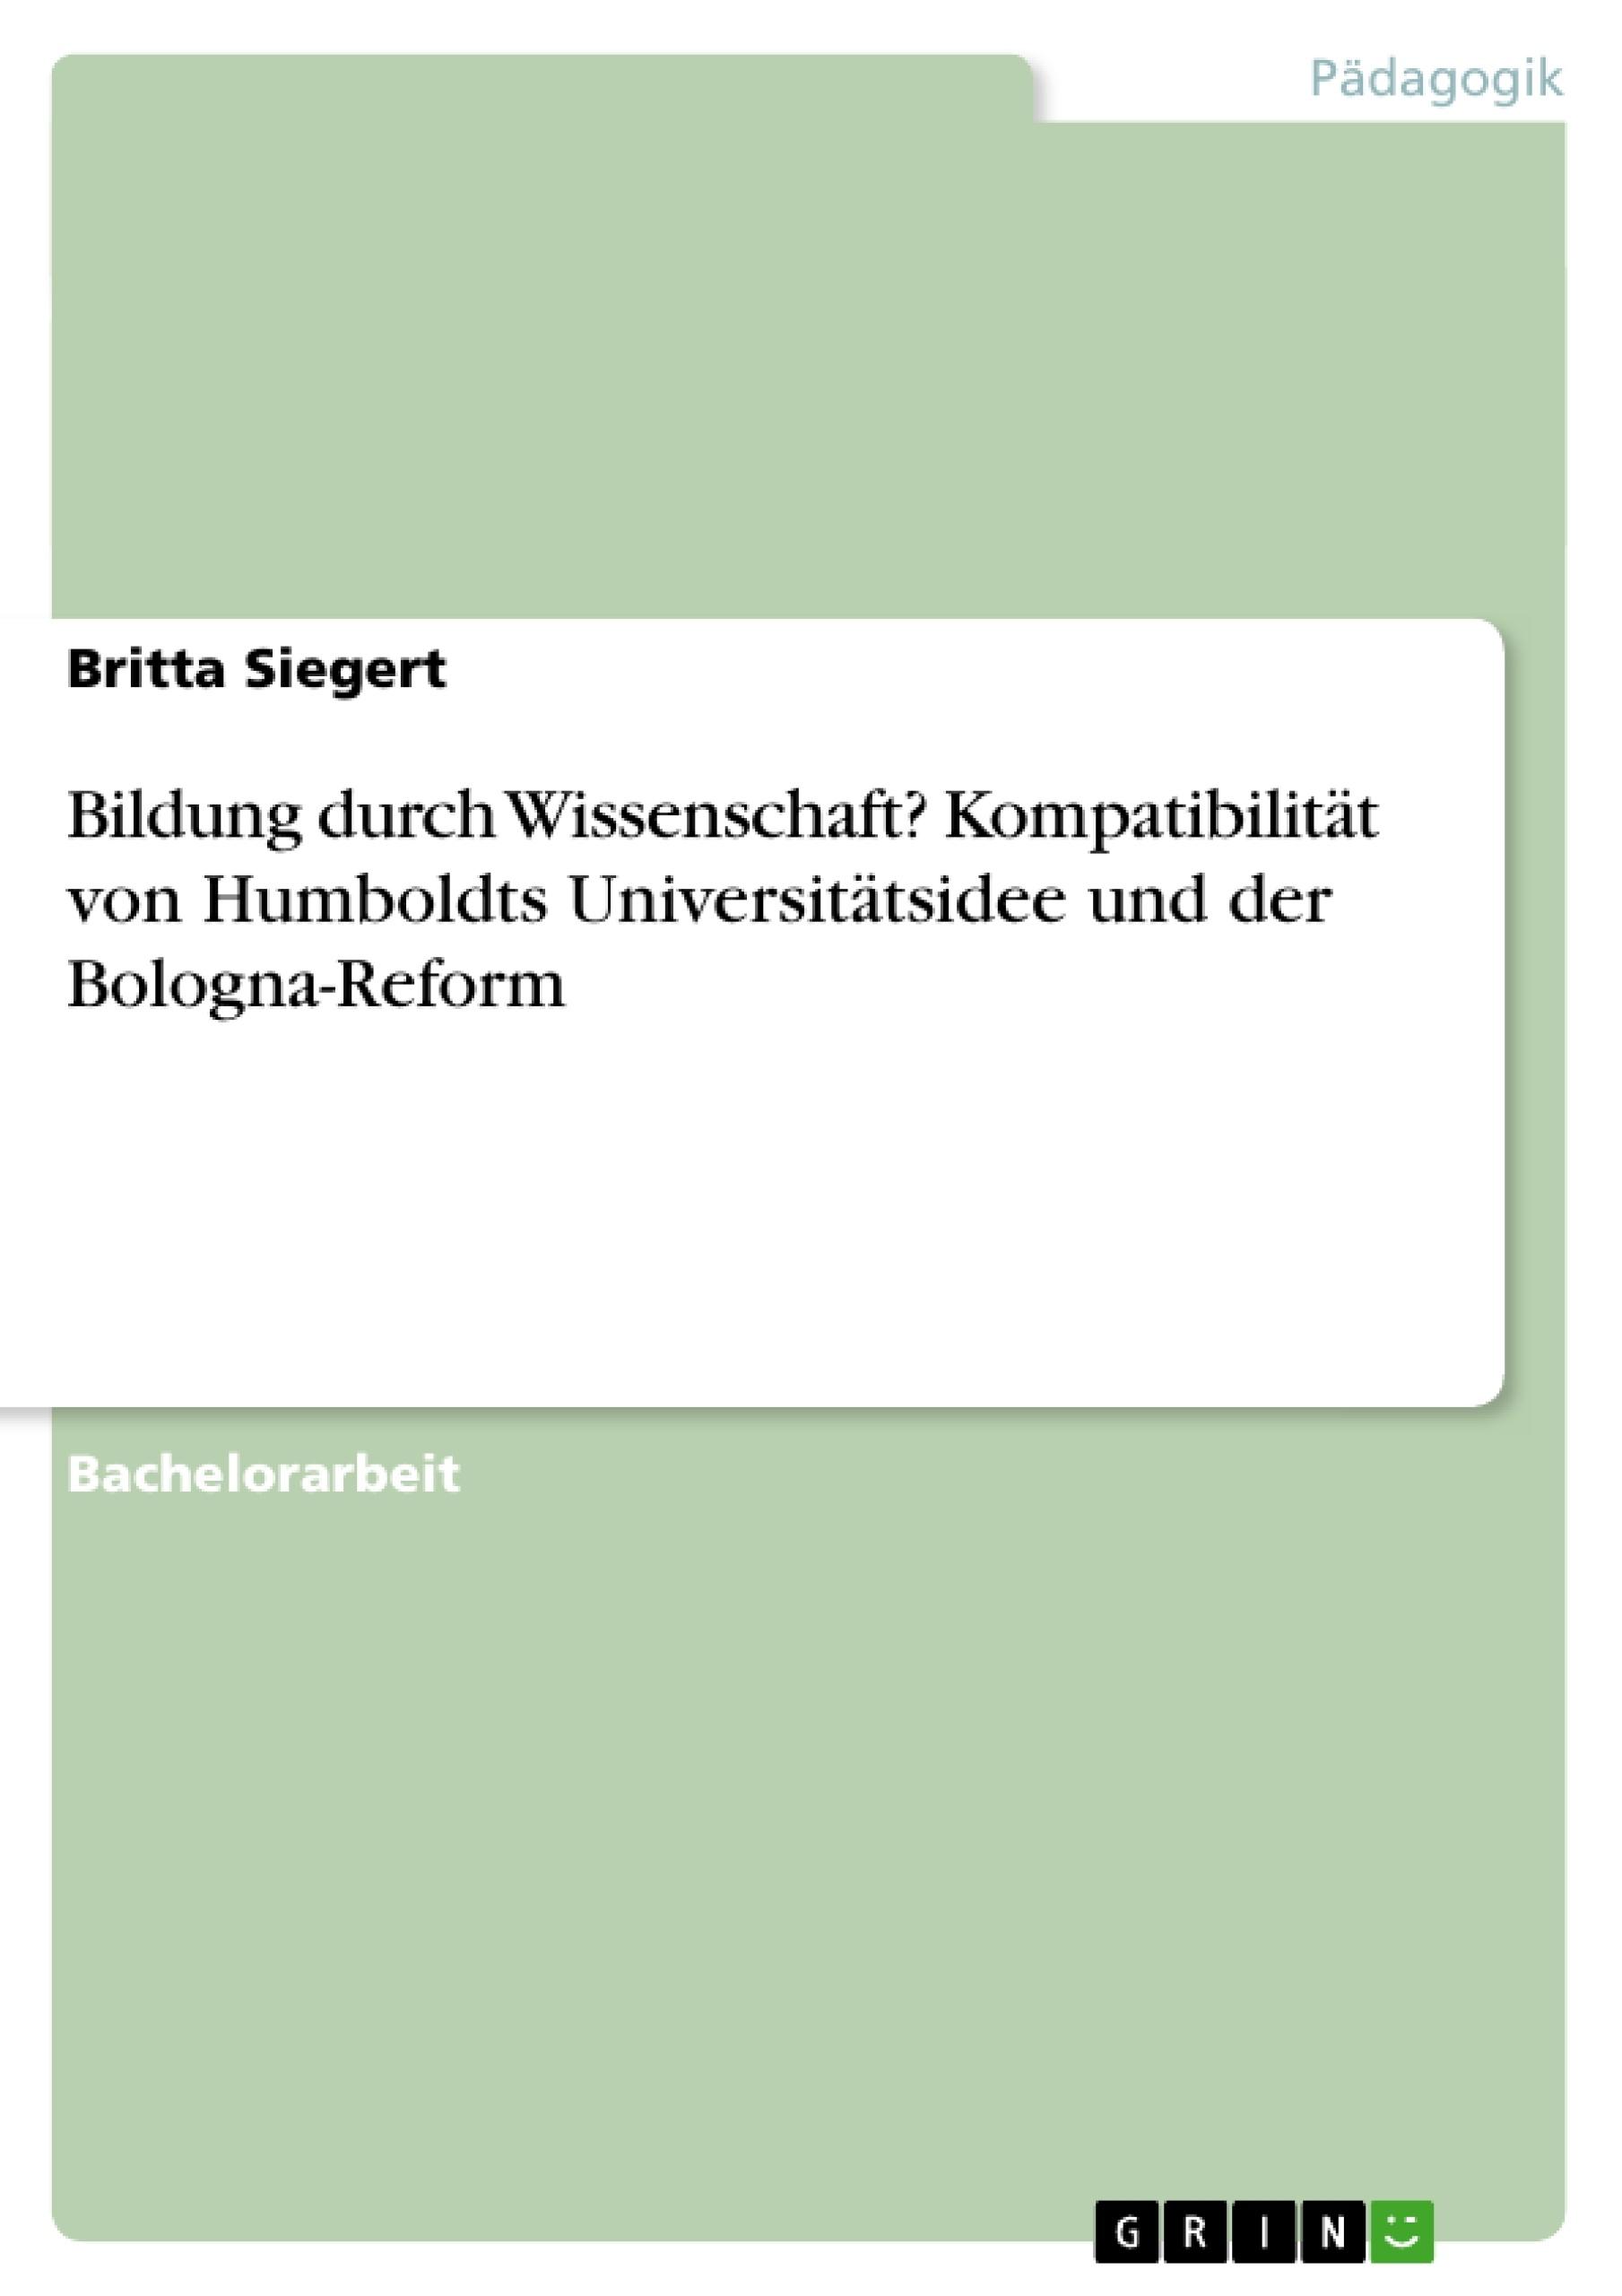 Titel: Bildung durch Wissenschaft? Kompatibilität von Humboldts Universitätsidee und der Bologna-Reform